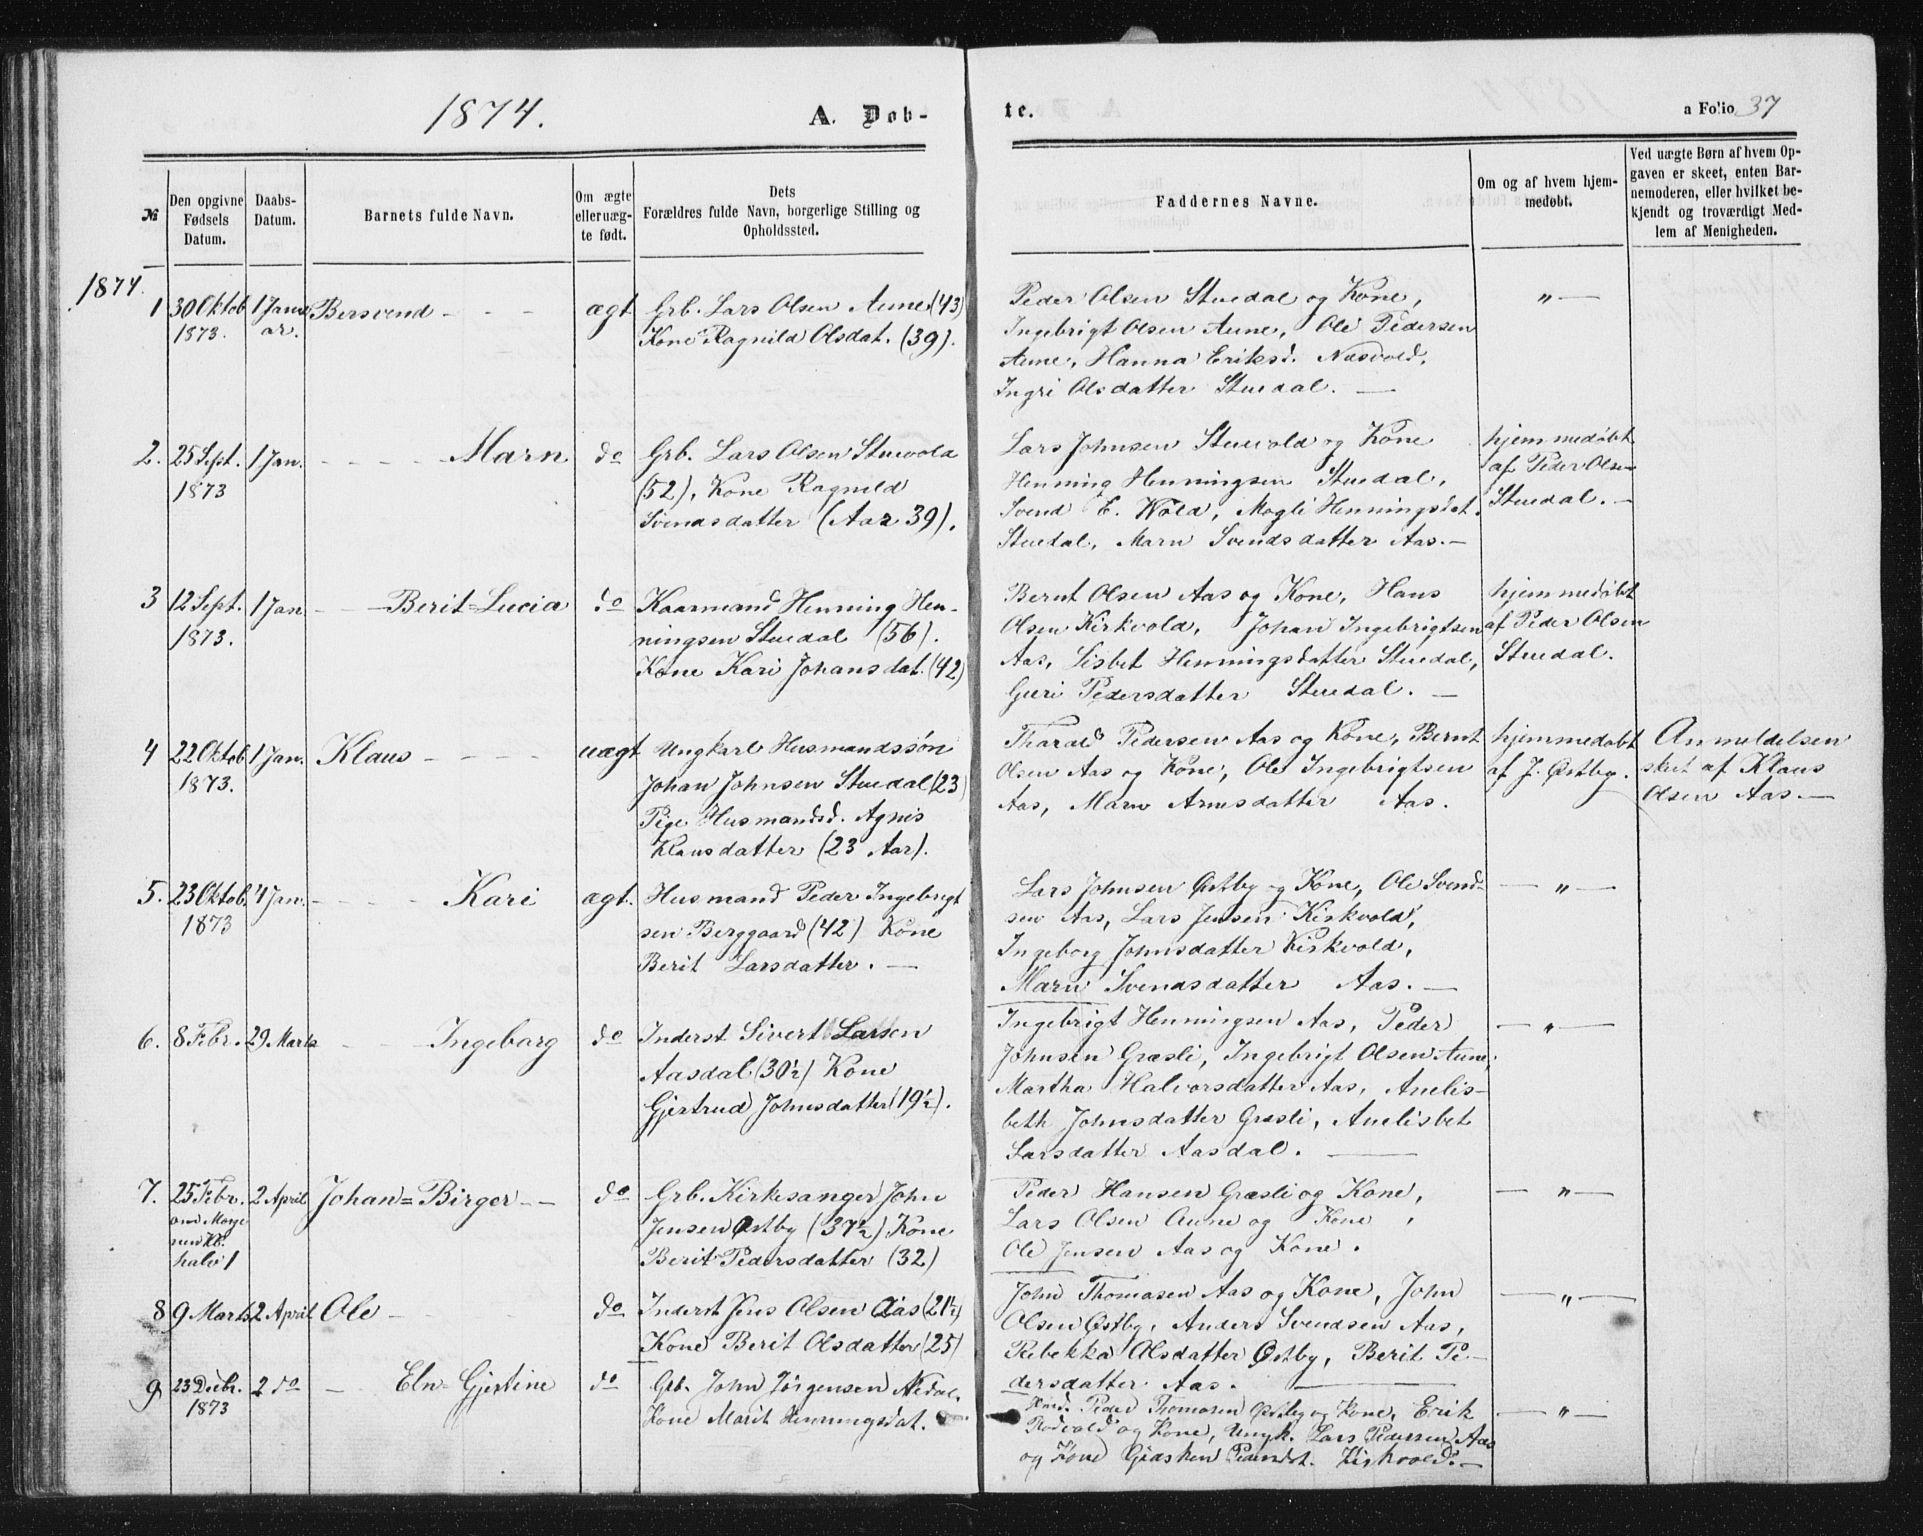 SAT, Ministerialprotokoller, klokkerbøker og fødselsregistre - Sør-Trøndelag, 698/L1166: Klokkerbok nr. 698C03, 1861-1887, s. 37